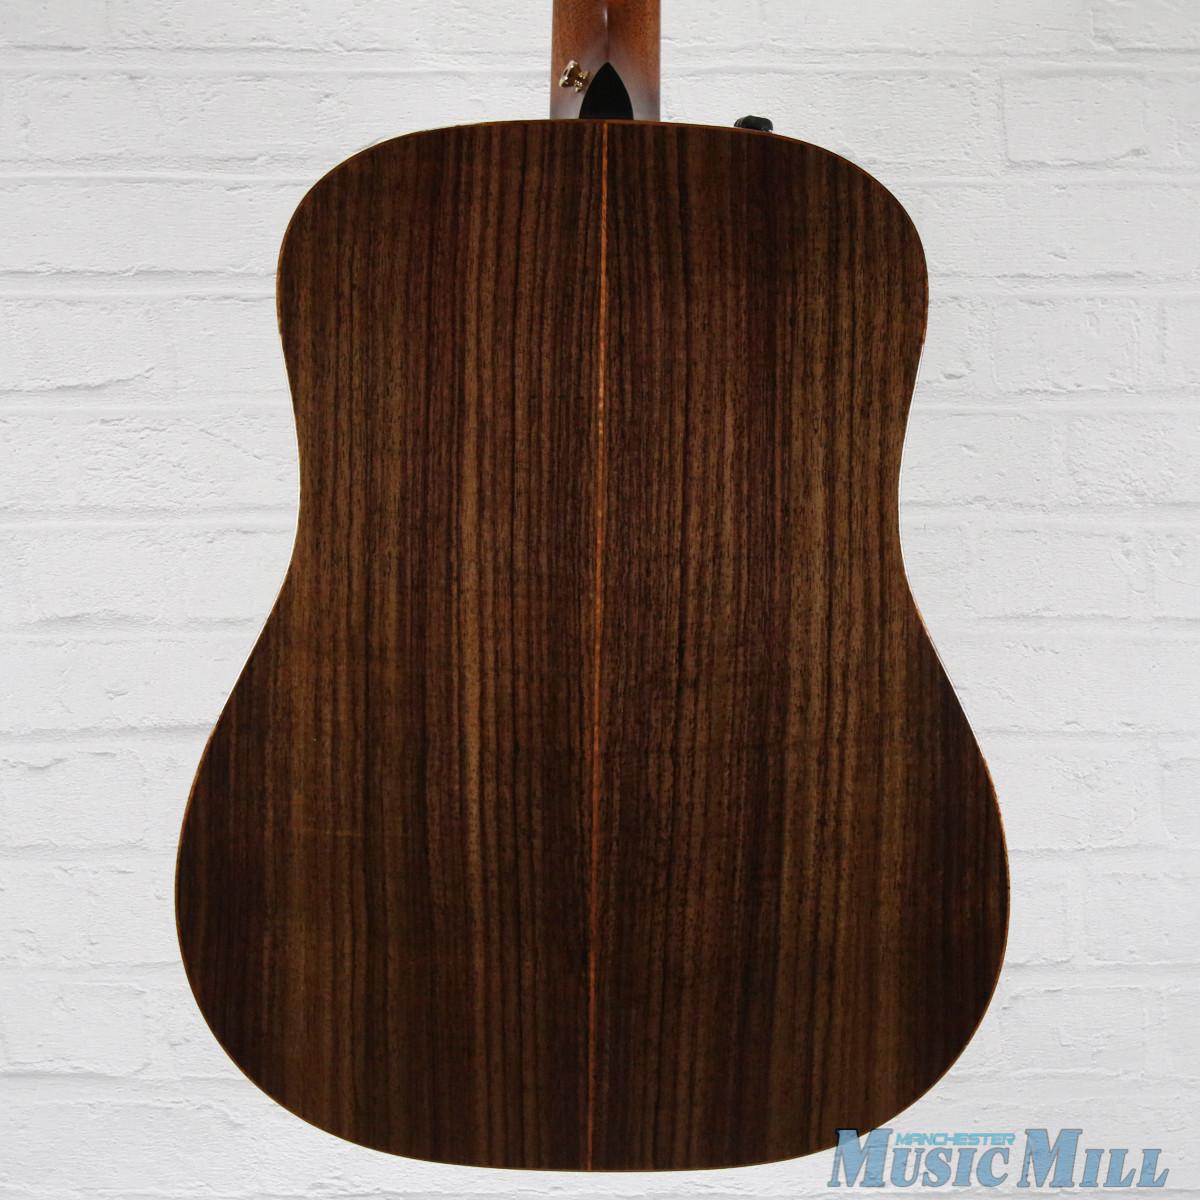 2016 Taylor 710e Dreadnought Acoustic Electric Guitar Western Sunburst